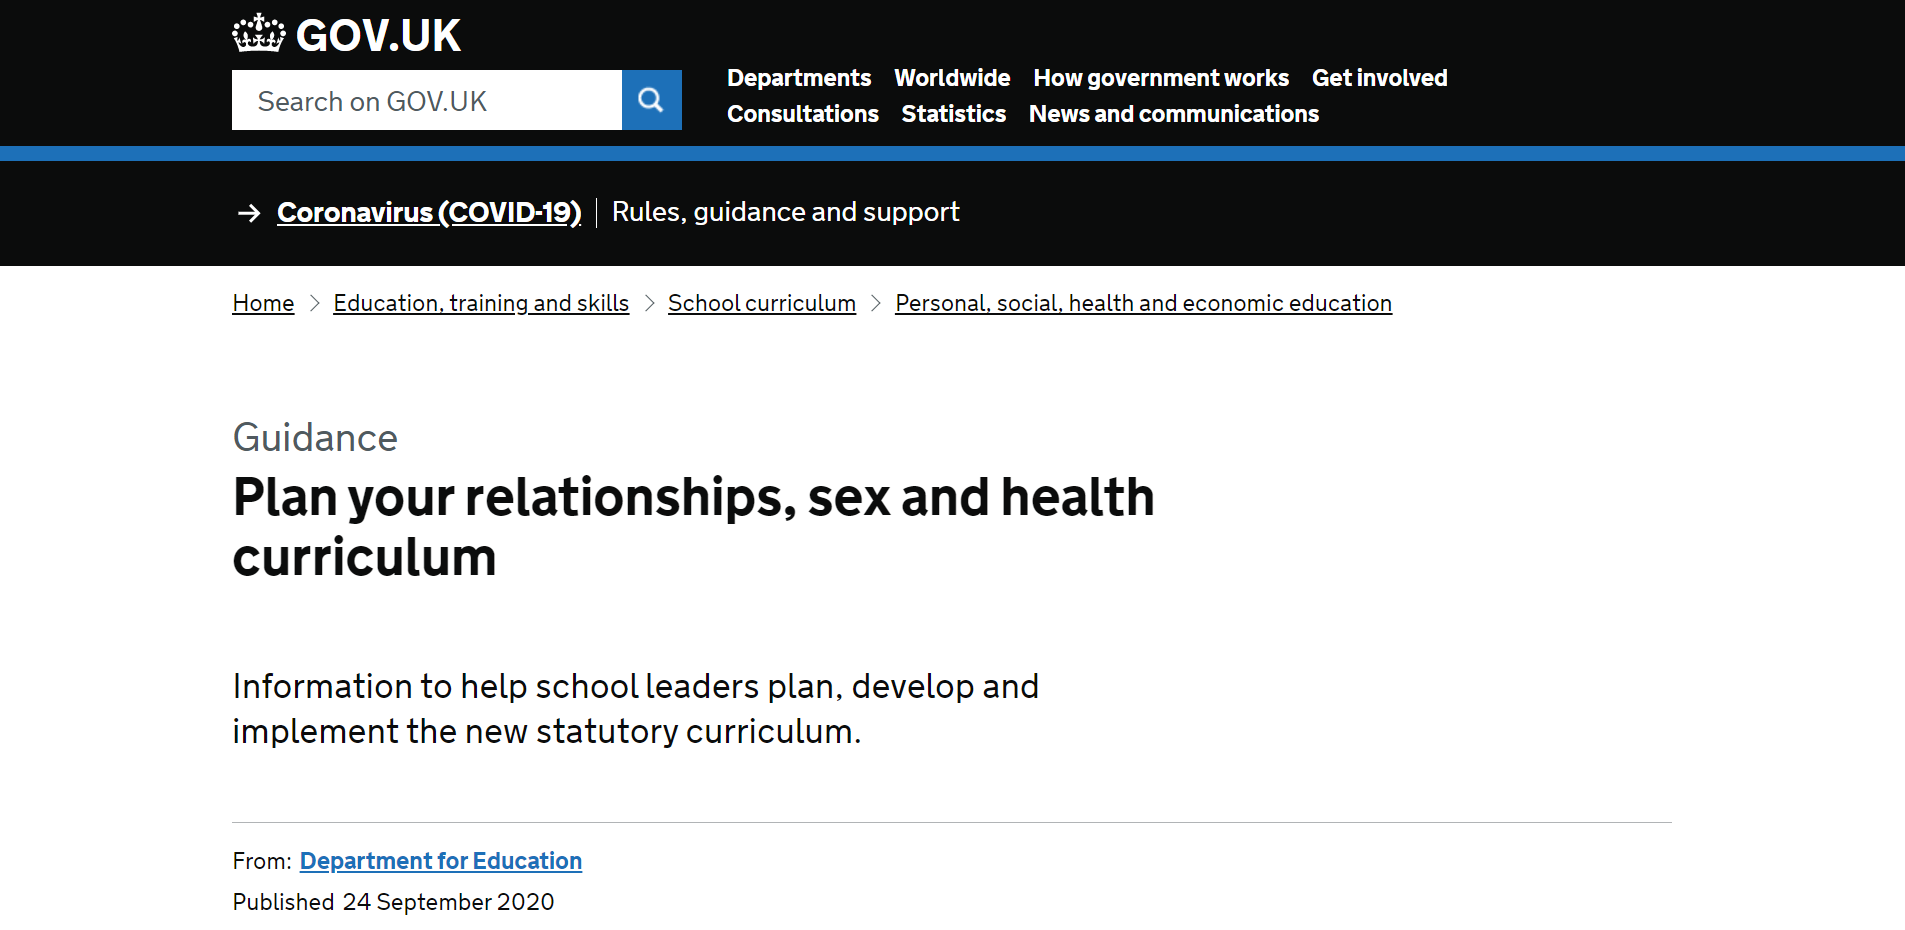 """Wytyczne brytyjskiego Departamentu Edukacji: """"Zaplanuj swój program nauczania o związkach, seksie i zdrowiu"""""""